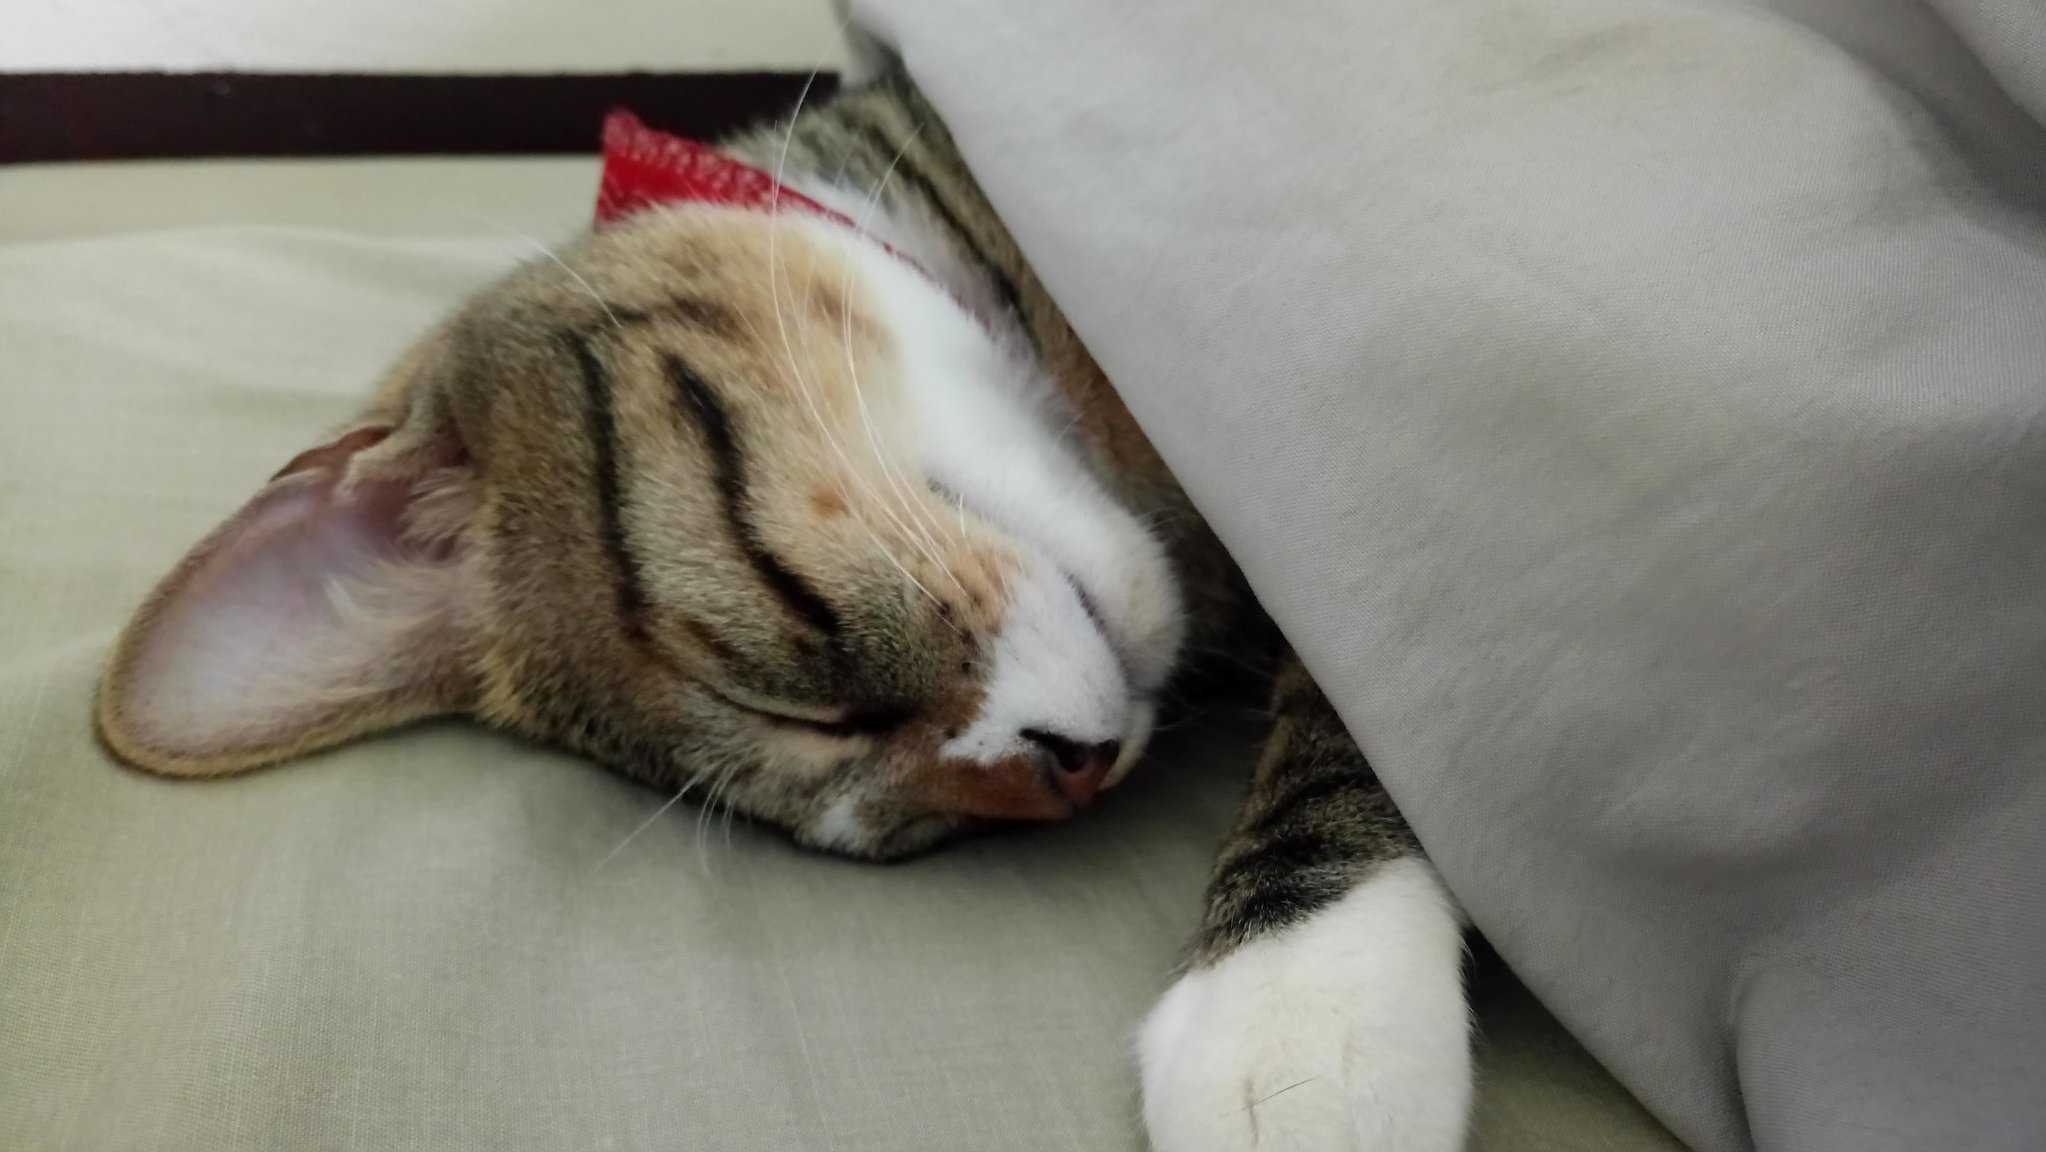 Sleeping kitty is sleeping